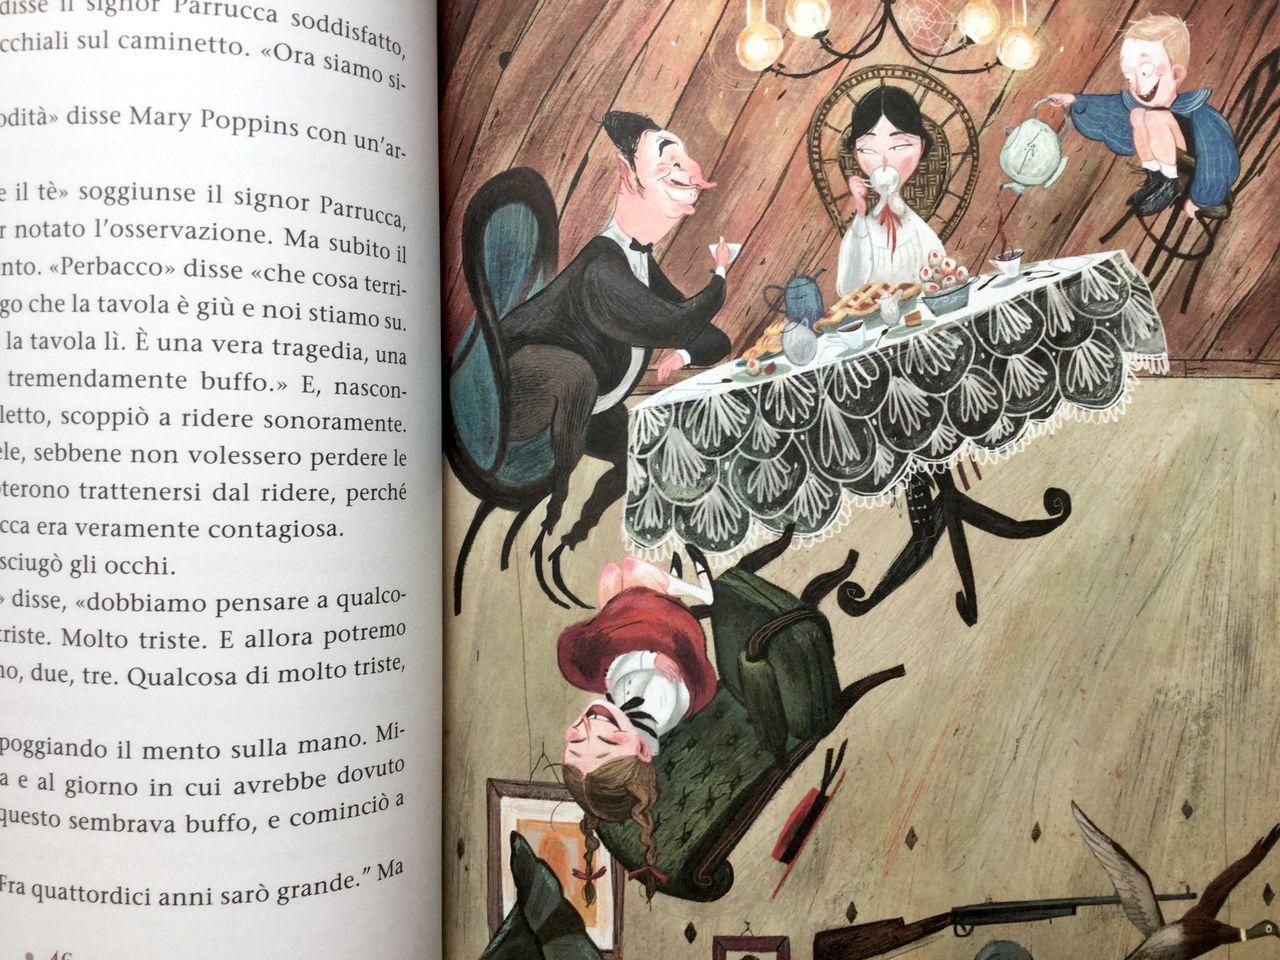 P.L. Travers - Júlia Sardà, Mary Poppins, Rizzoli